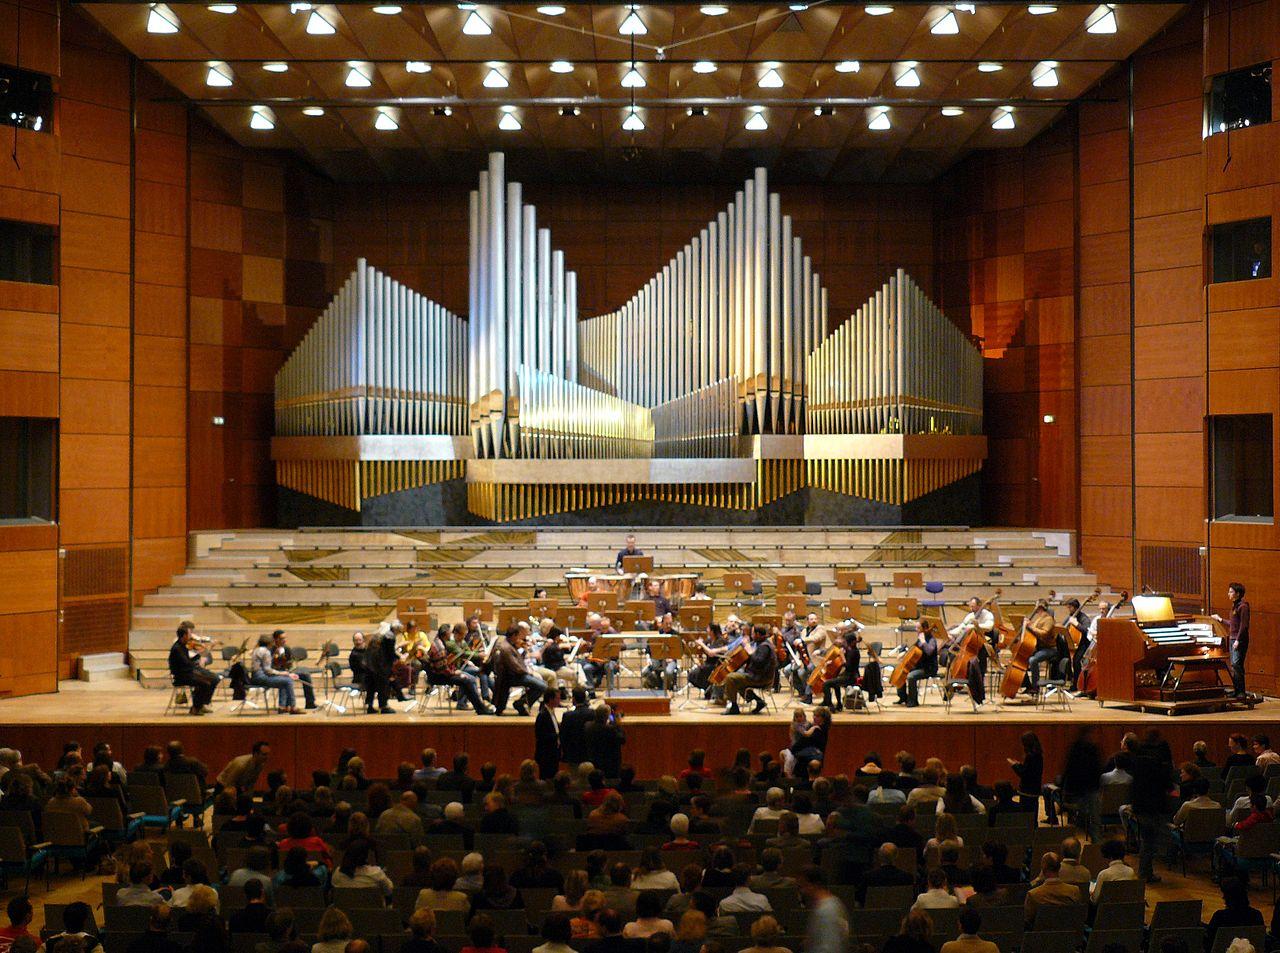 Im Großen Saal fällt der Blick sofort auf die große Steinmeyer-Orgel.